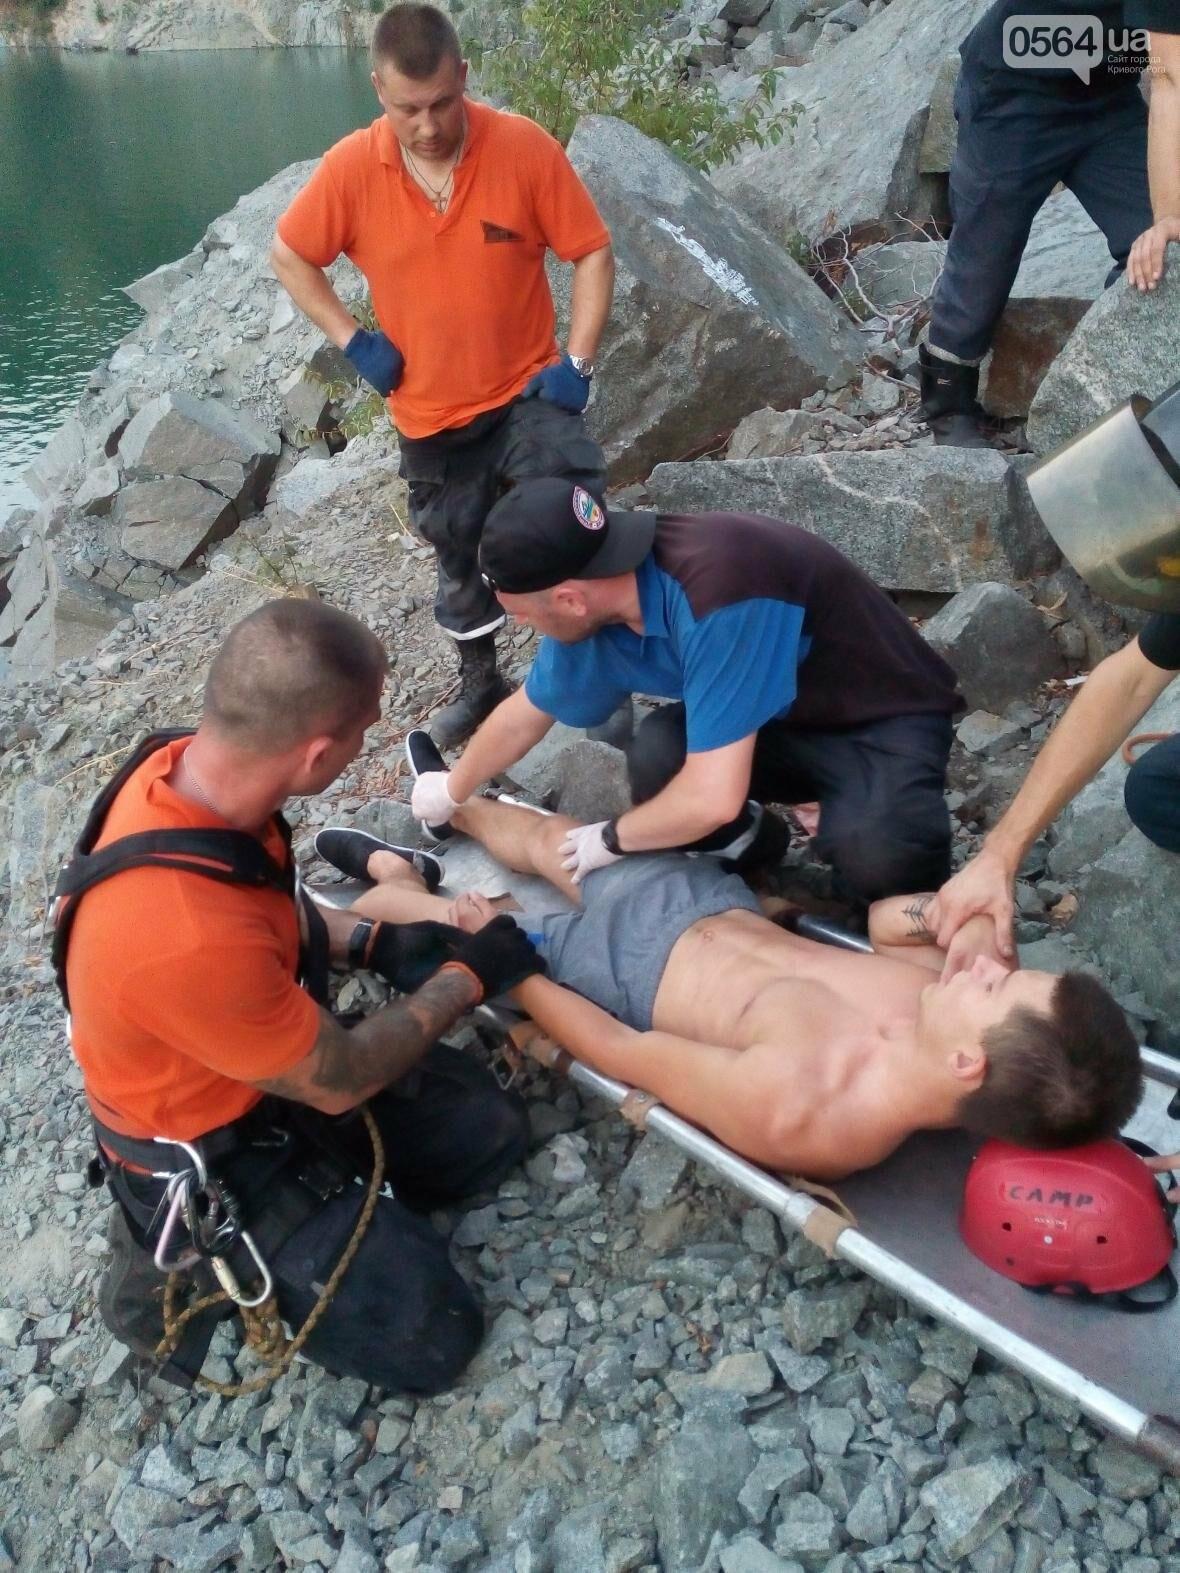 Криворожанин не смог самостоятельно выбраться из затопленного карьера (ФОТО), фото-8